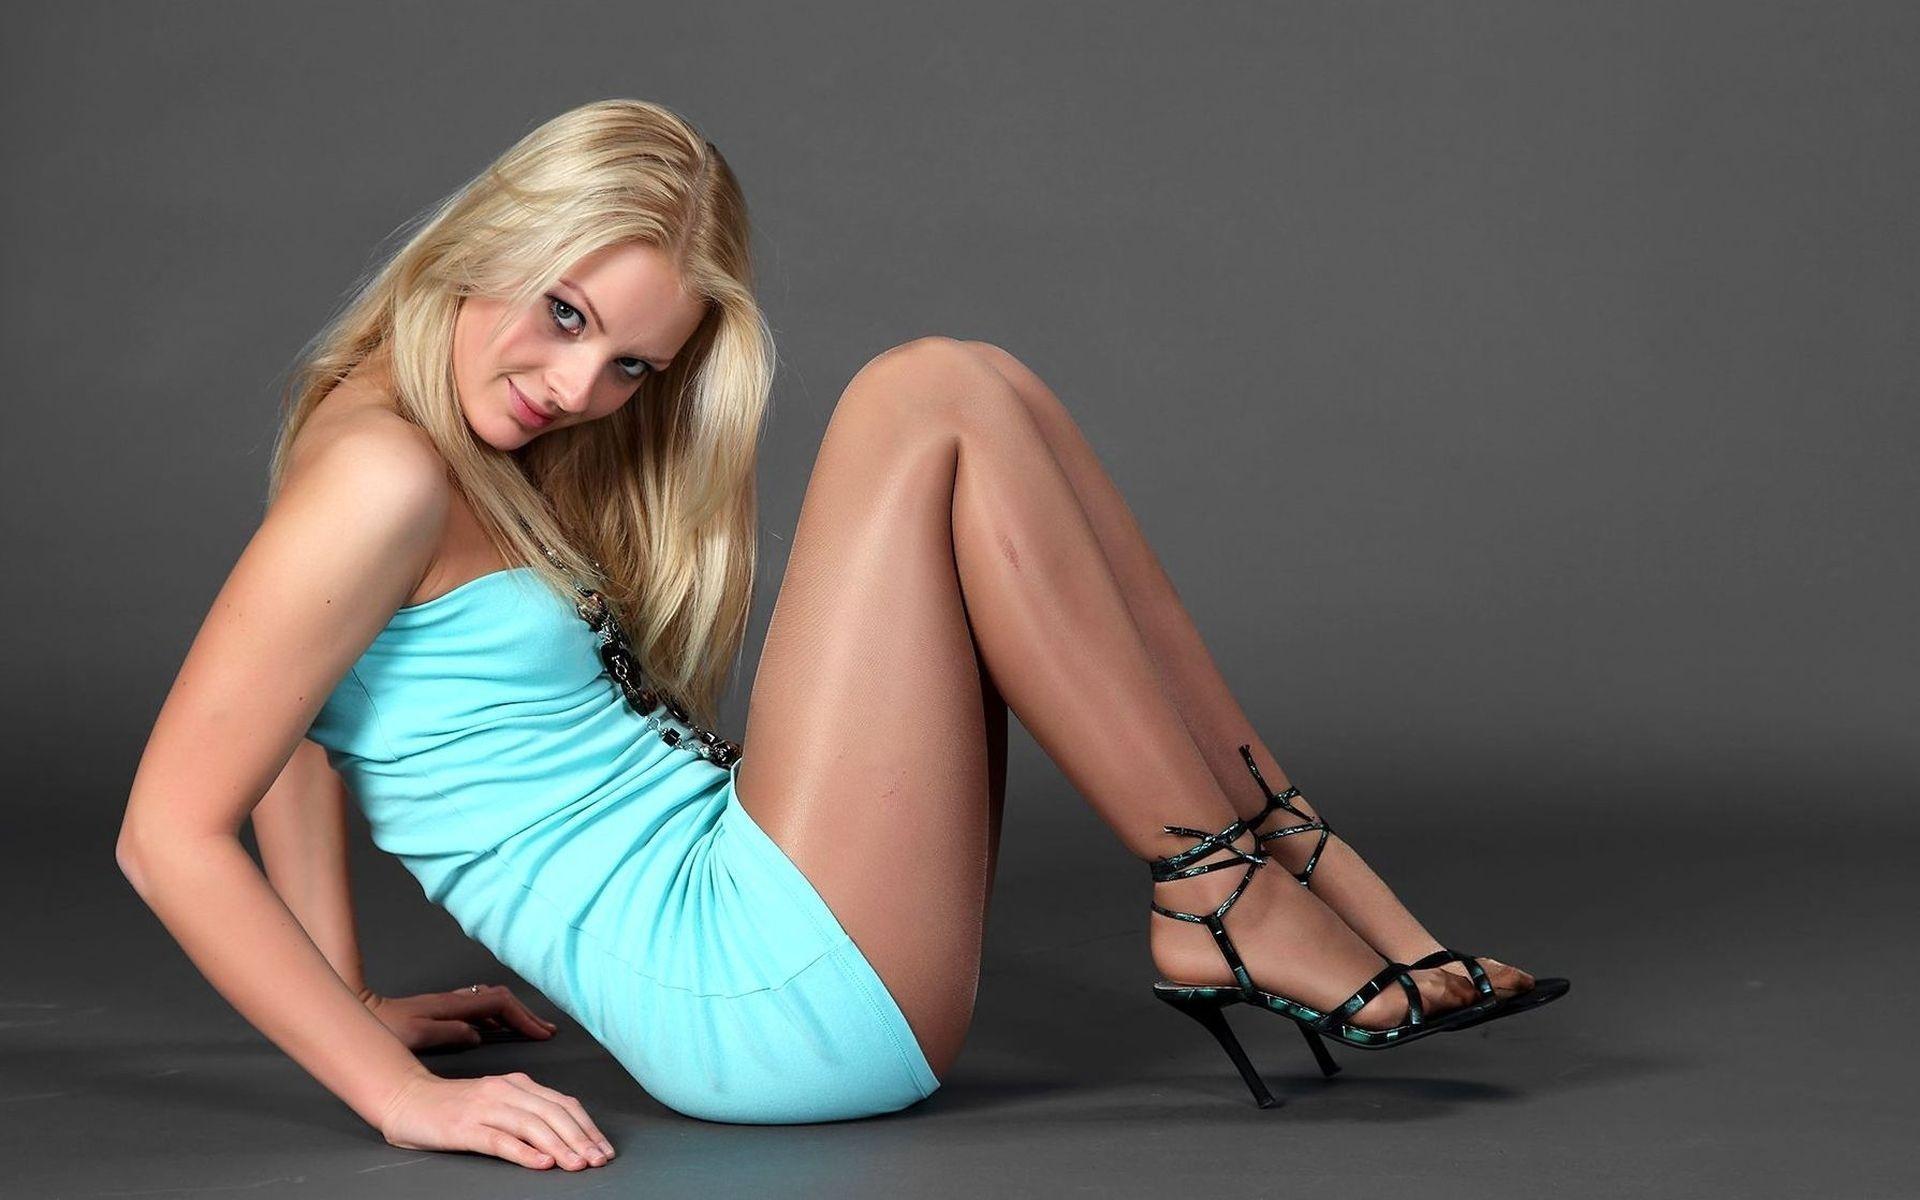 Член анал очаровательные ноги девушек